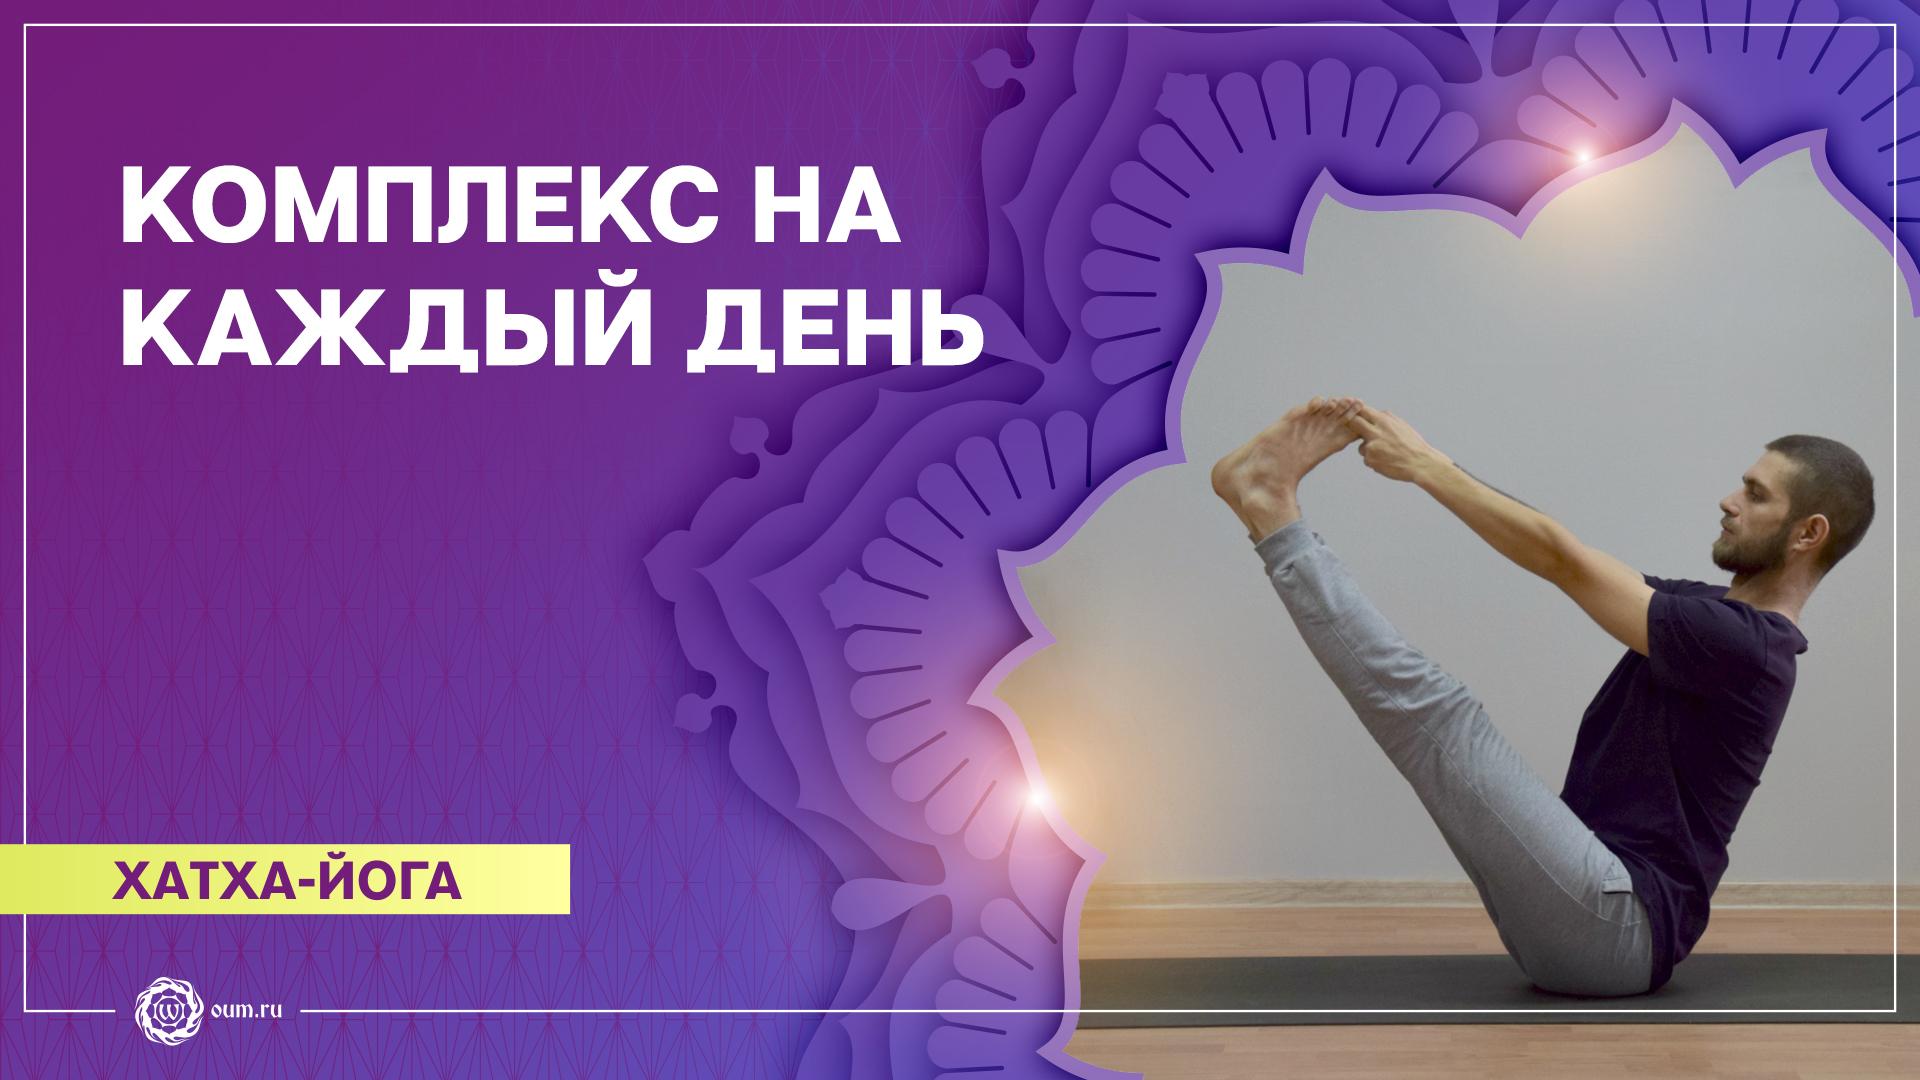 Хатха-йога. Комплекс на каждый день. Павел Свинцов